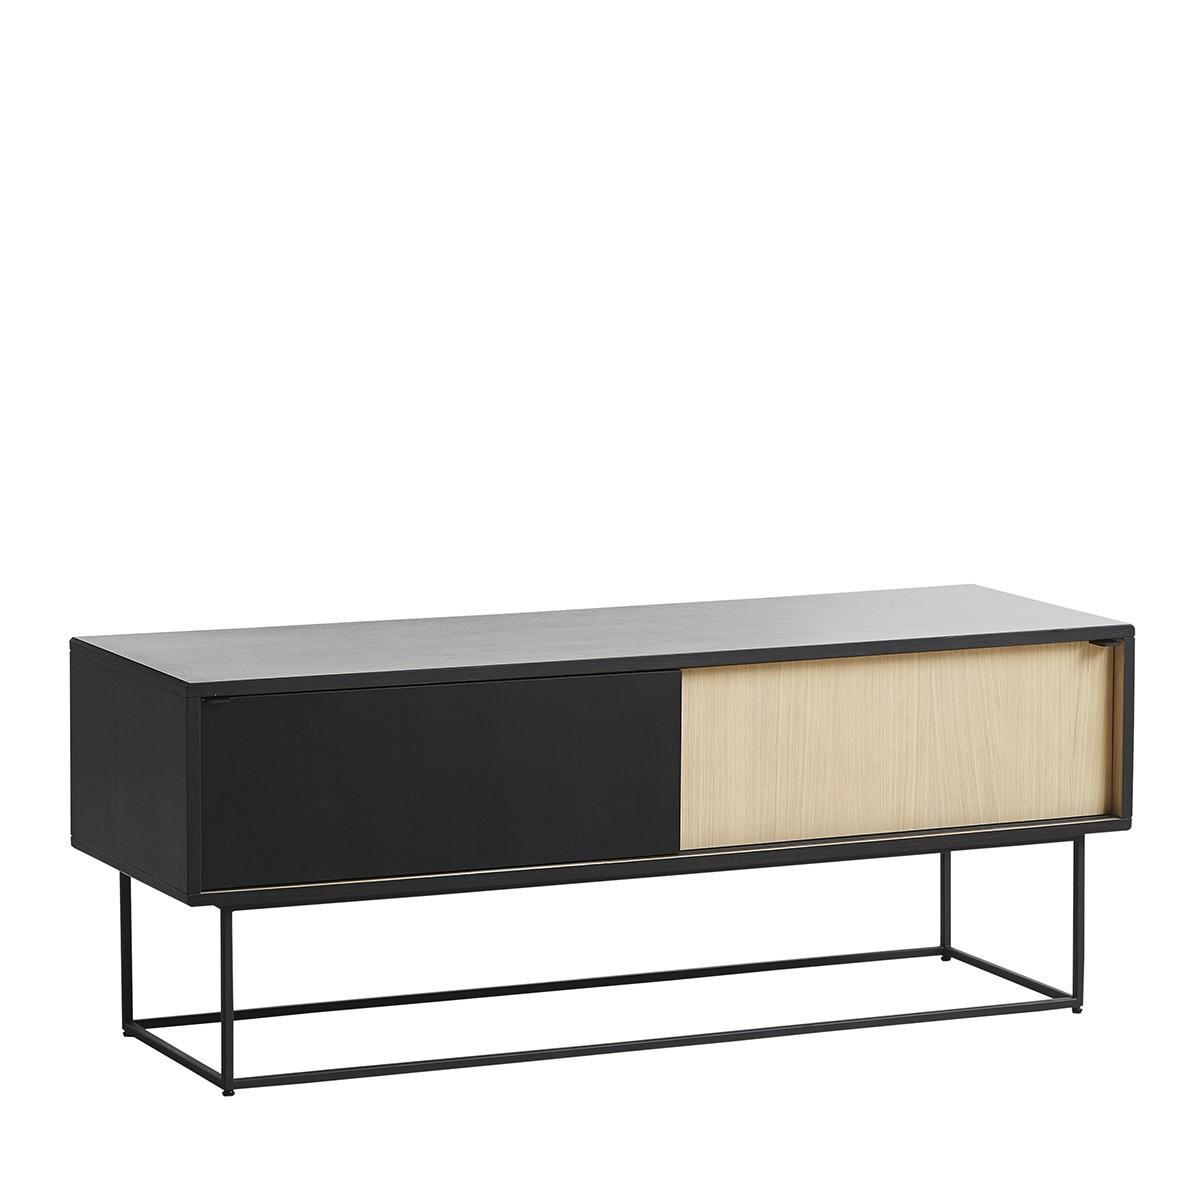 Virka Low Sideboard